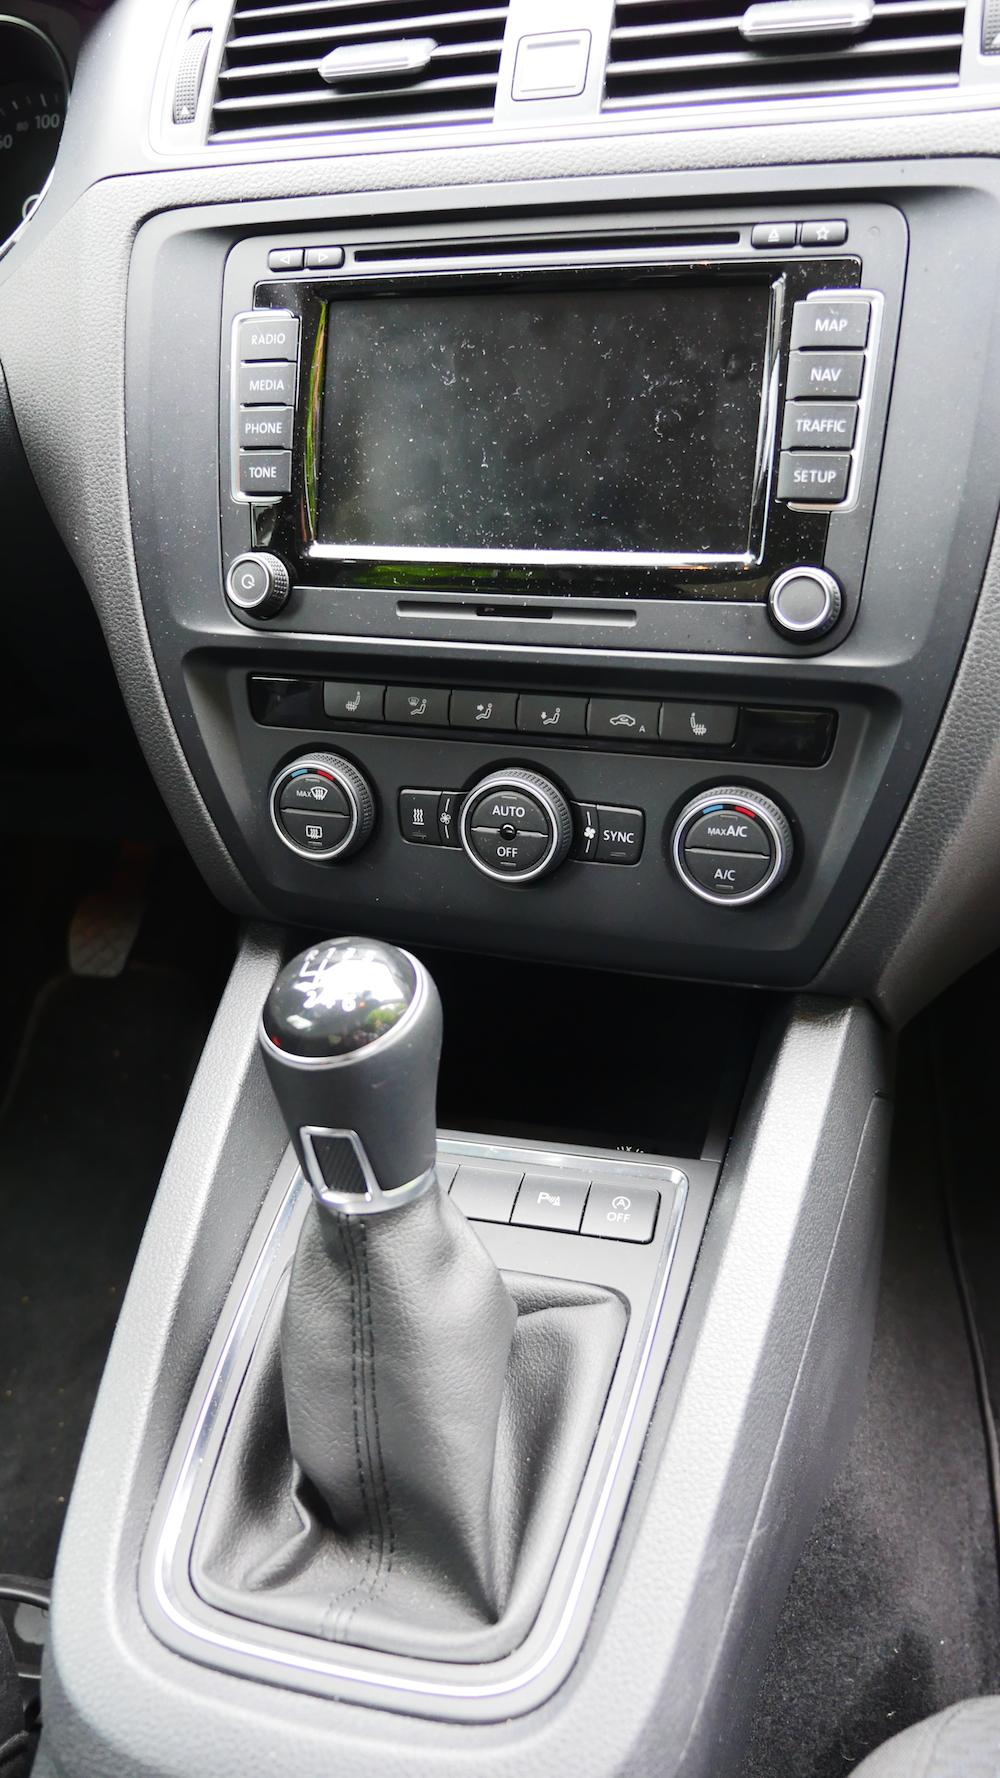 VolkswagenJetta_Facelift_006